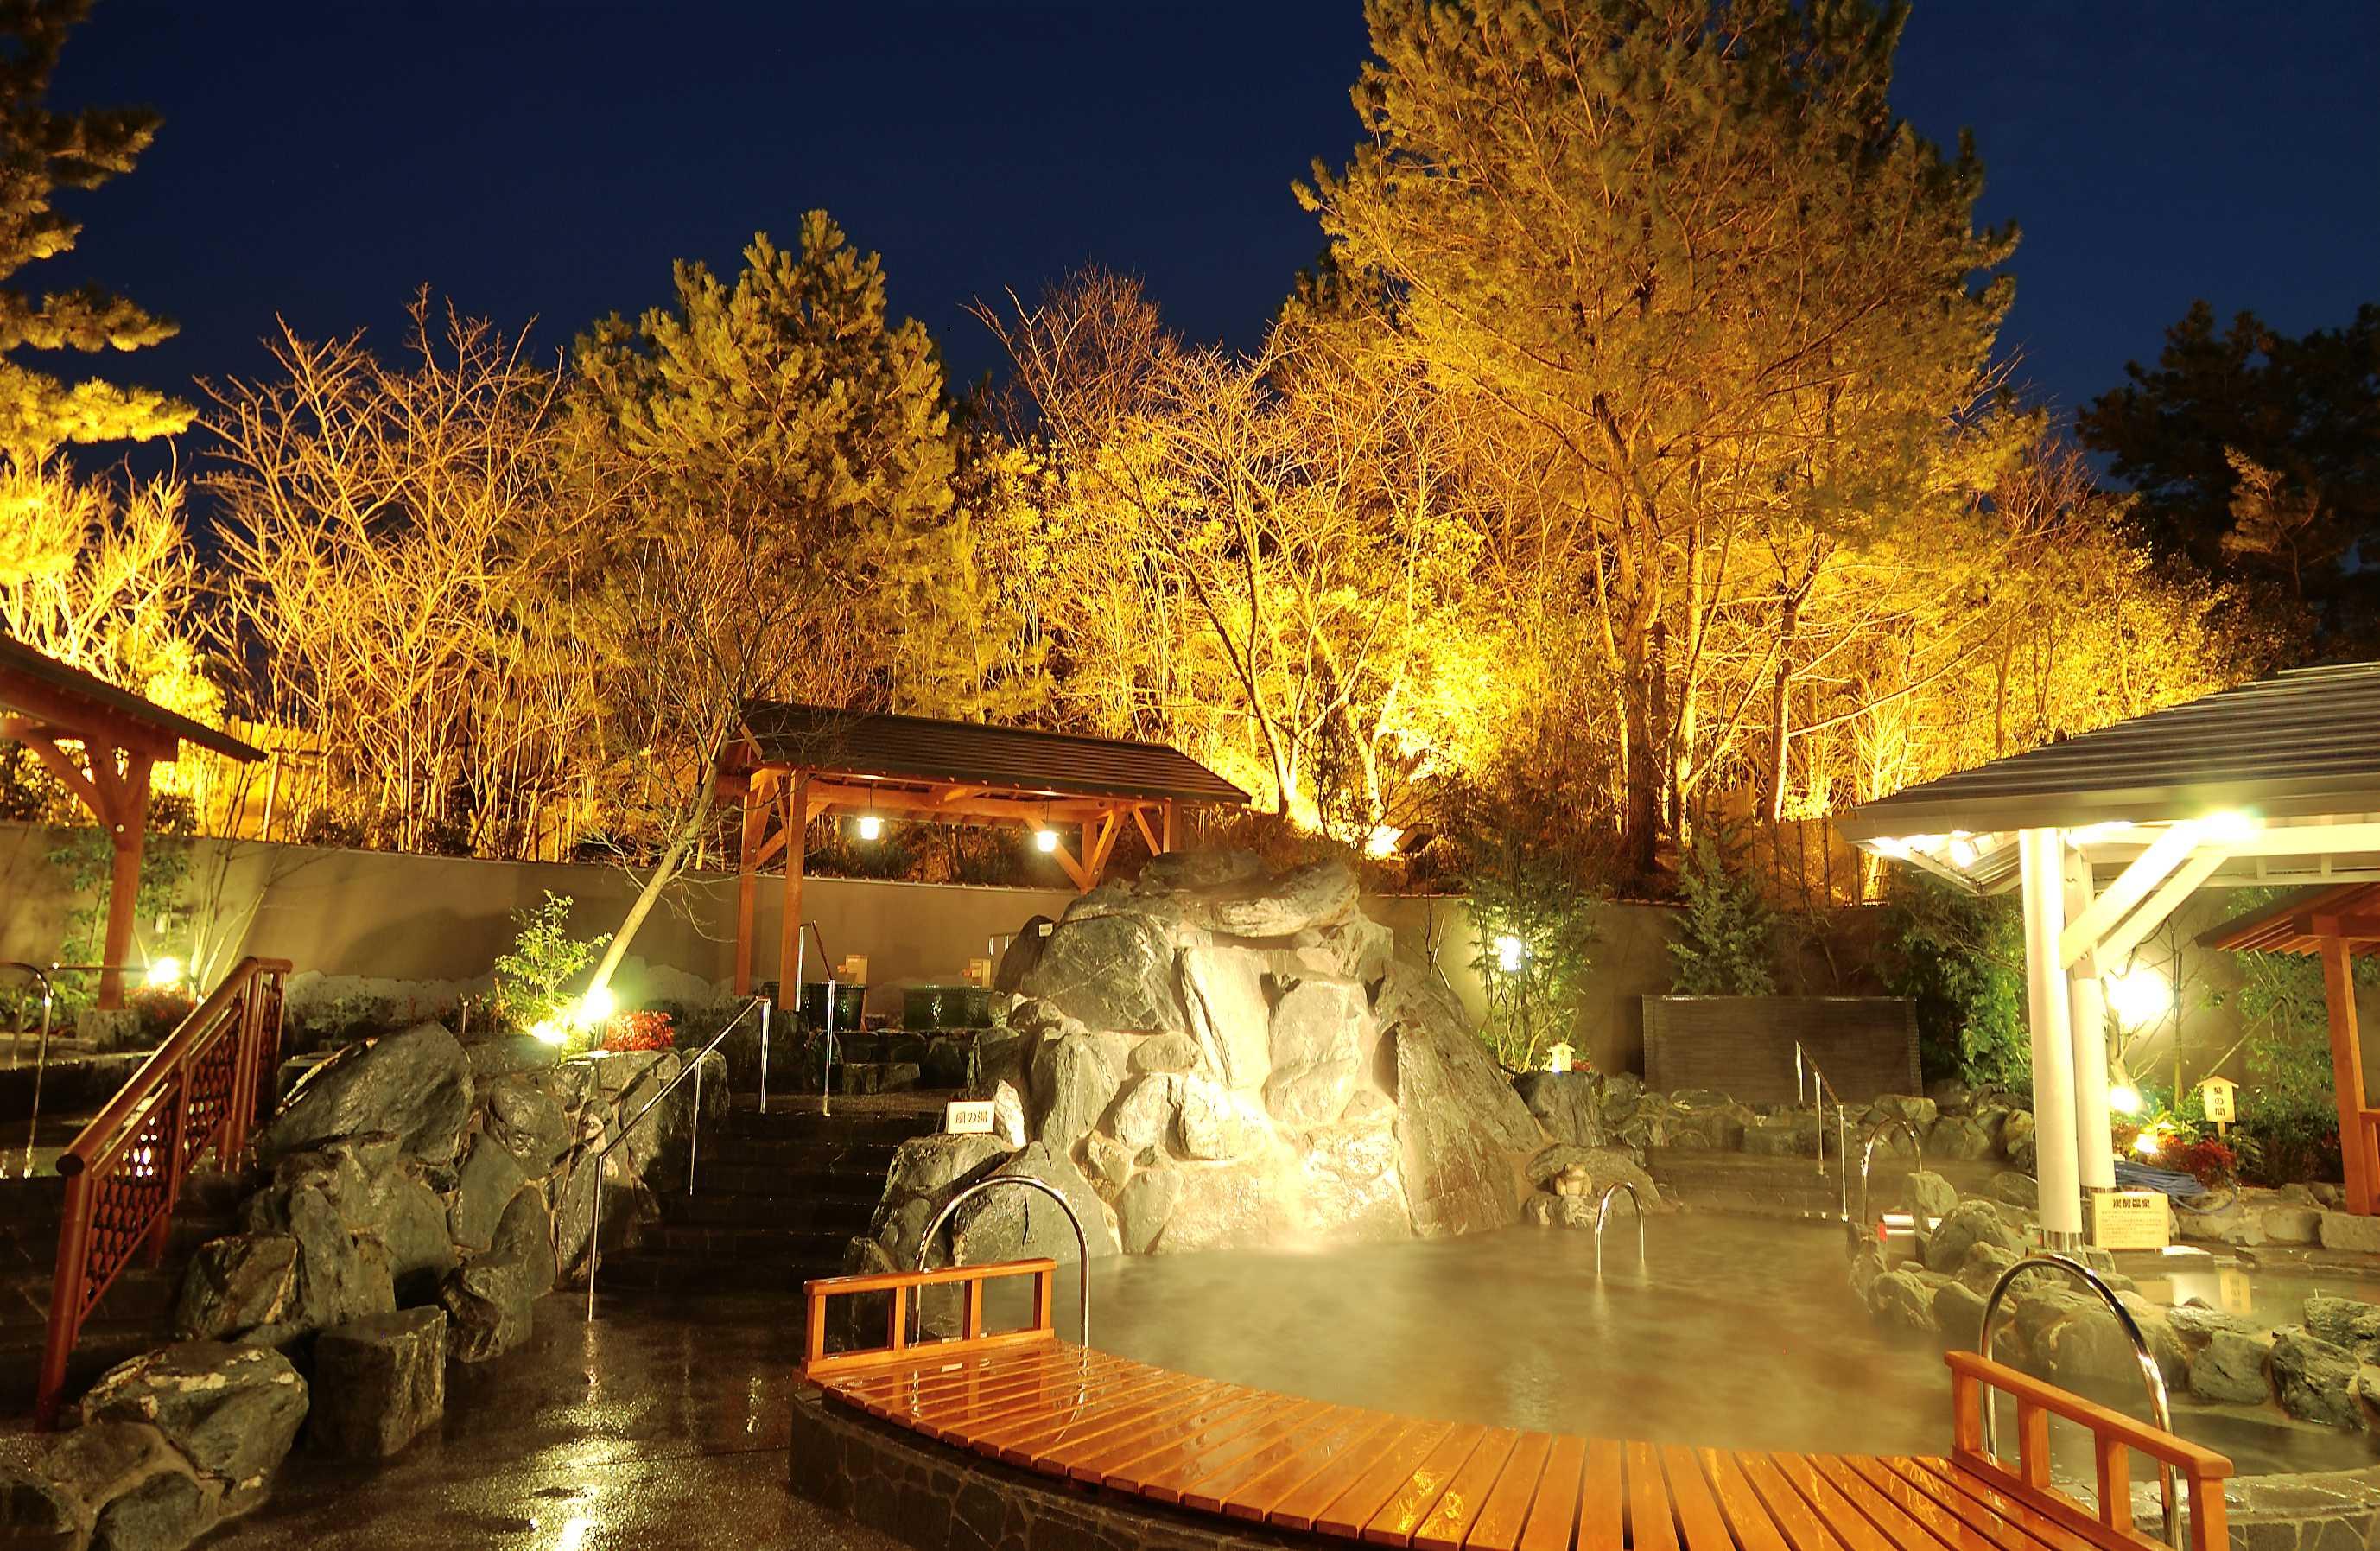 岡崎市の3つのスーパー銭湯がコラボ!近場のお風呂を回って豪華景品が当たるスタンプラリー開催 - f08b49a6112d883d92dbf6d595f88521